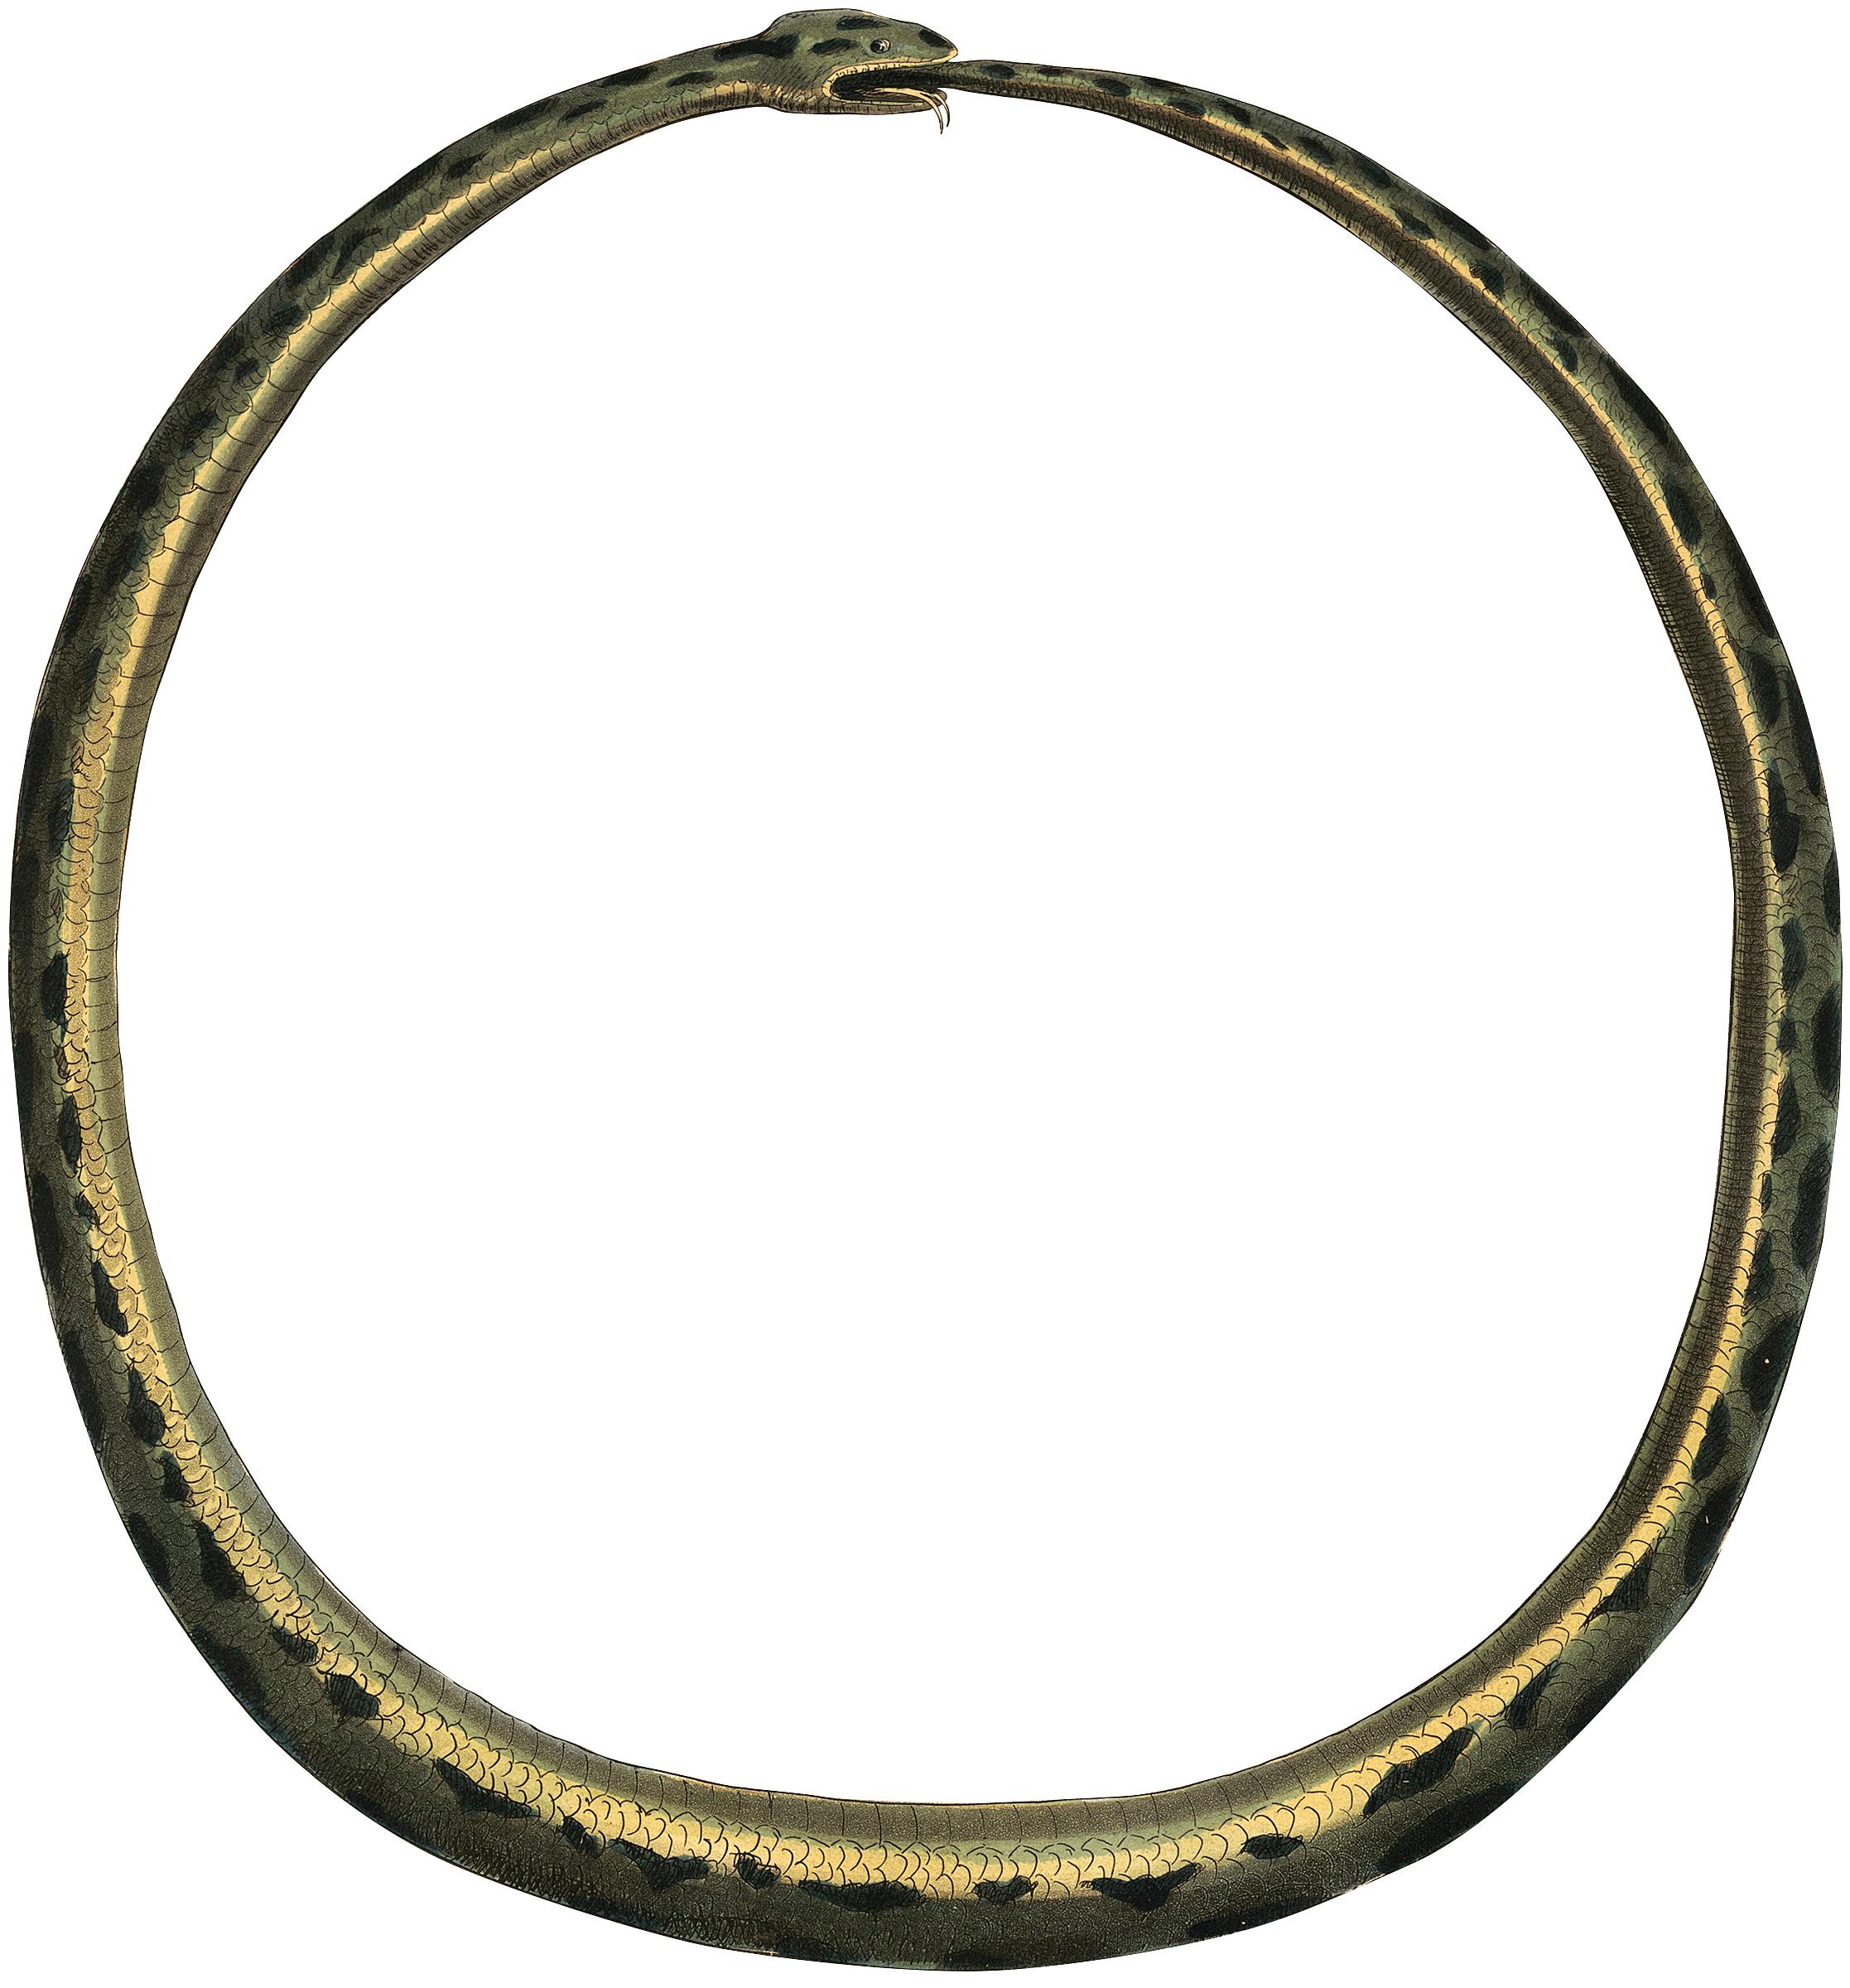 Amazing Vintage Snake Frame Image